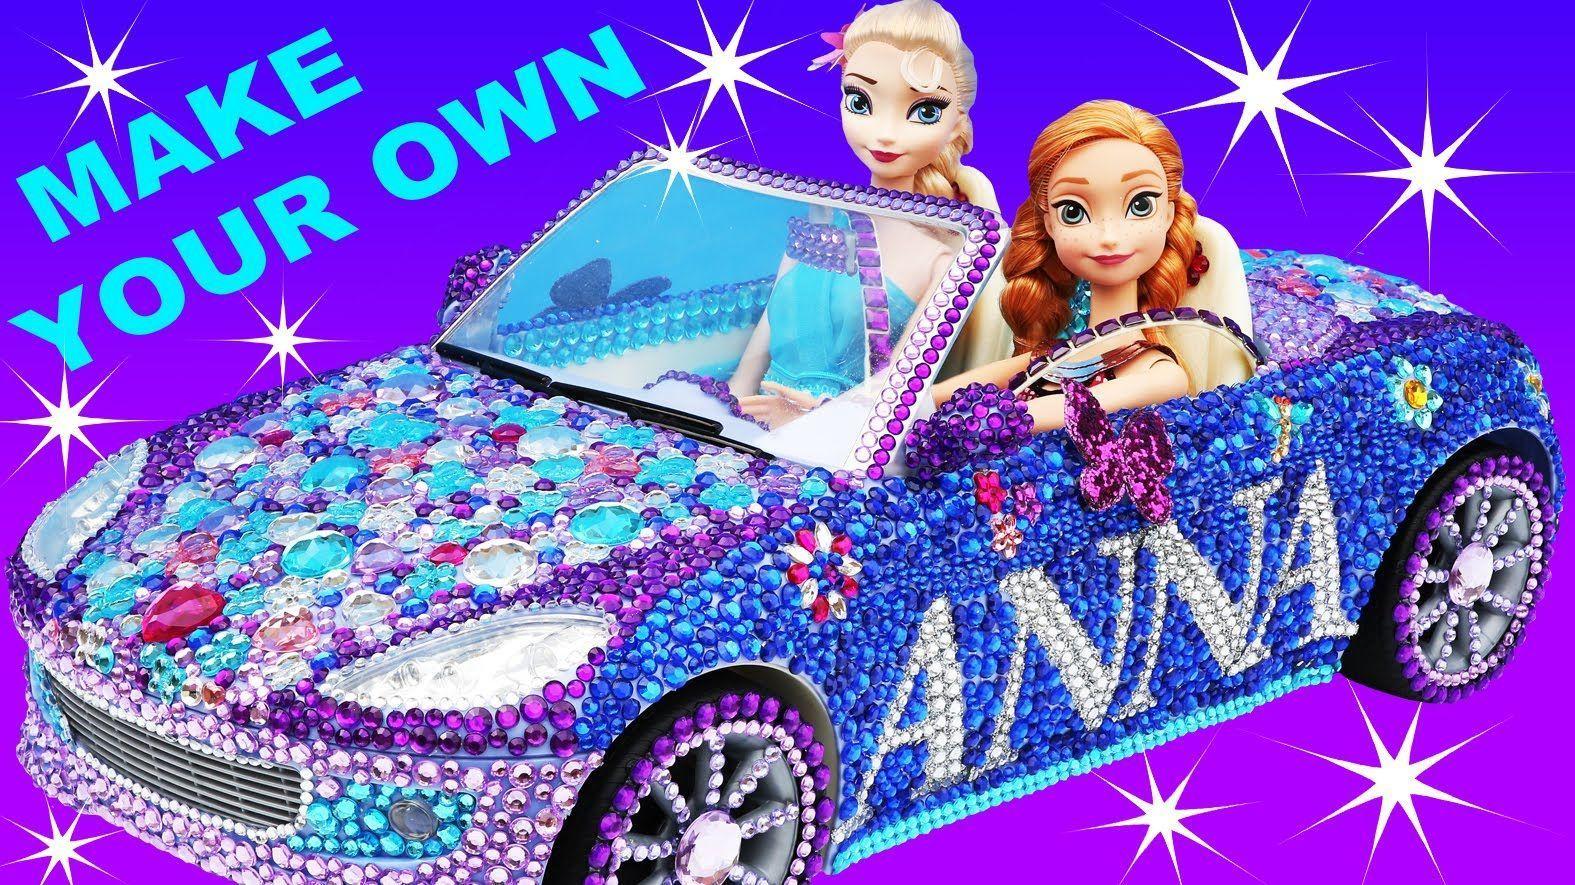 FROZEN ANNA CAR VIOLET CRUZE Makeover Make Your Own + Elsa Car Barbie Car #barbiecars FROZEN ANNA CAR VIOLET CRUZE Makeover Make Your Own + Elsa Car Barbie Car #barbiecars FROZEN ANNA CAR VIOLET CRUZE Makeover Make Your Own + Elsa Car Barbie Car #barbiecars FROZEN ANNA CAR VIOLET CRUZE Makeover Make Your Own + Elsa Car Barbie Car #barbiecars